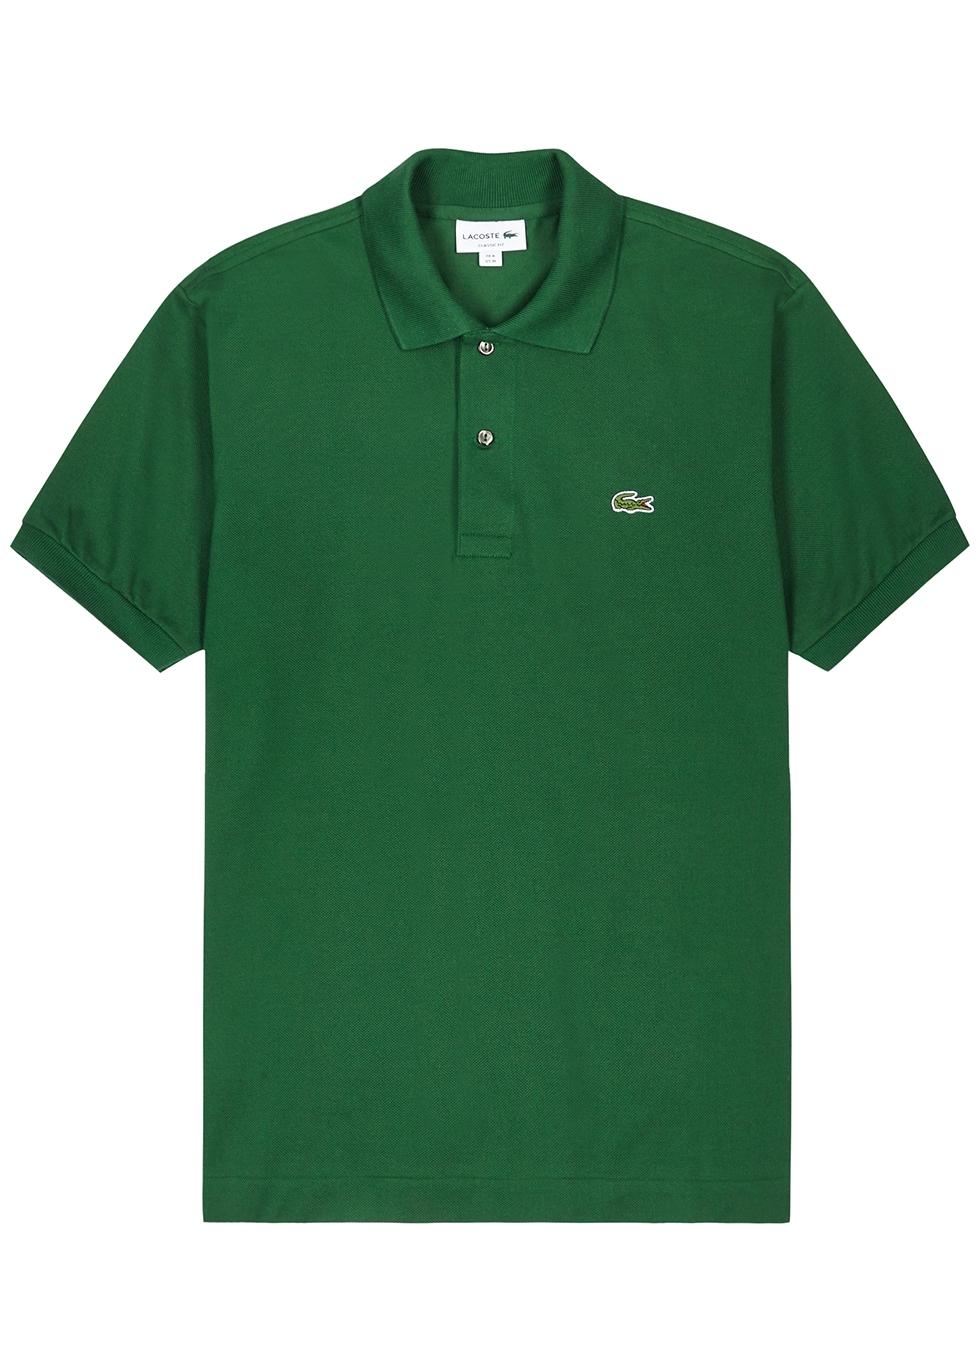 Green piqué cotton polo shirt